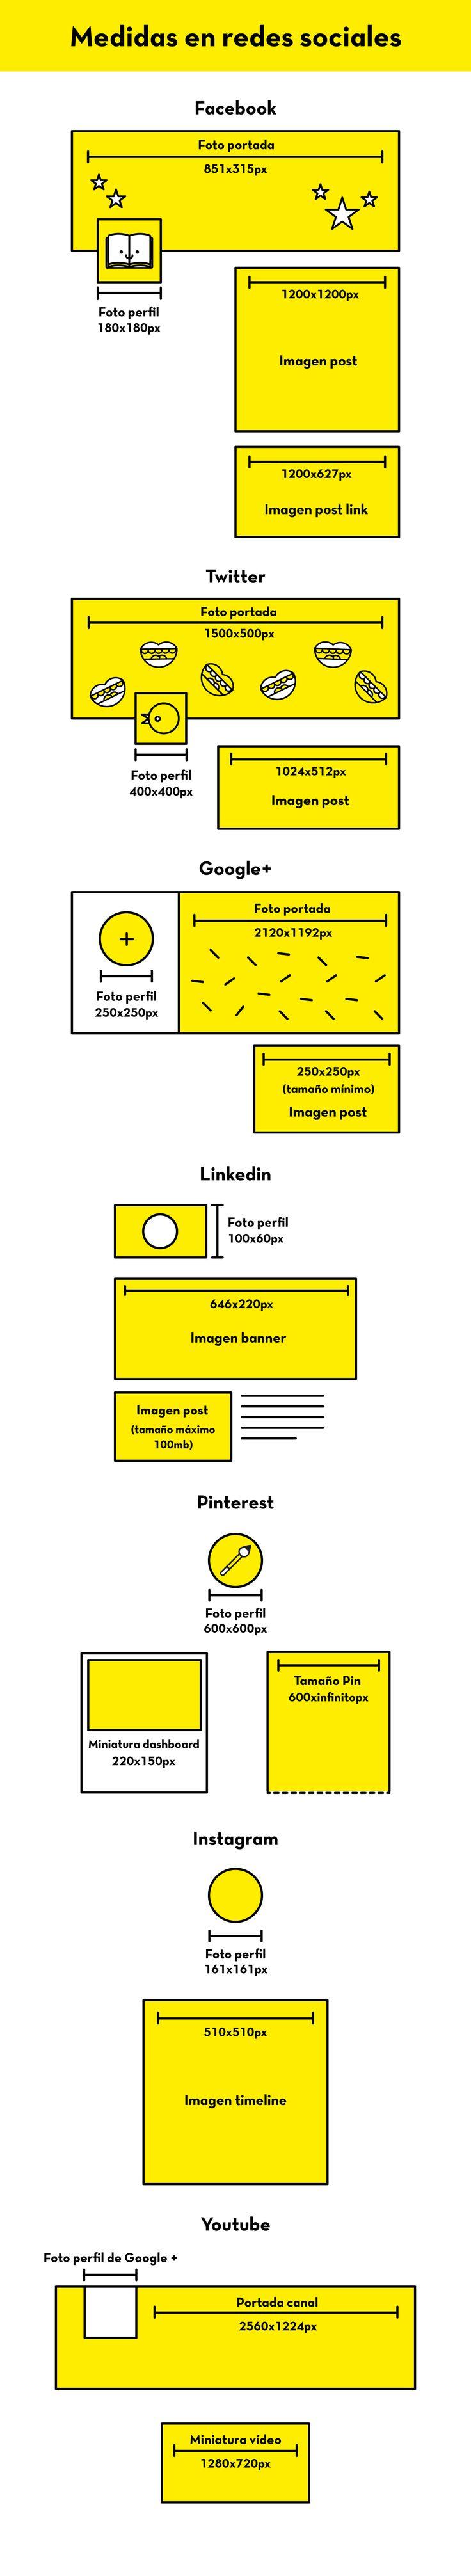 Tamaño de las imágenes en redes sociales. En redes sociales tan importante es el contenido como cuidar la imagen. ¿Conoces los tamaños recomendados de las imágenes en cada red social para mejorar tu engagement?